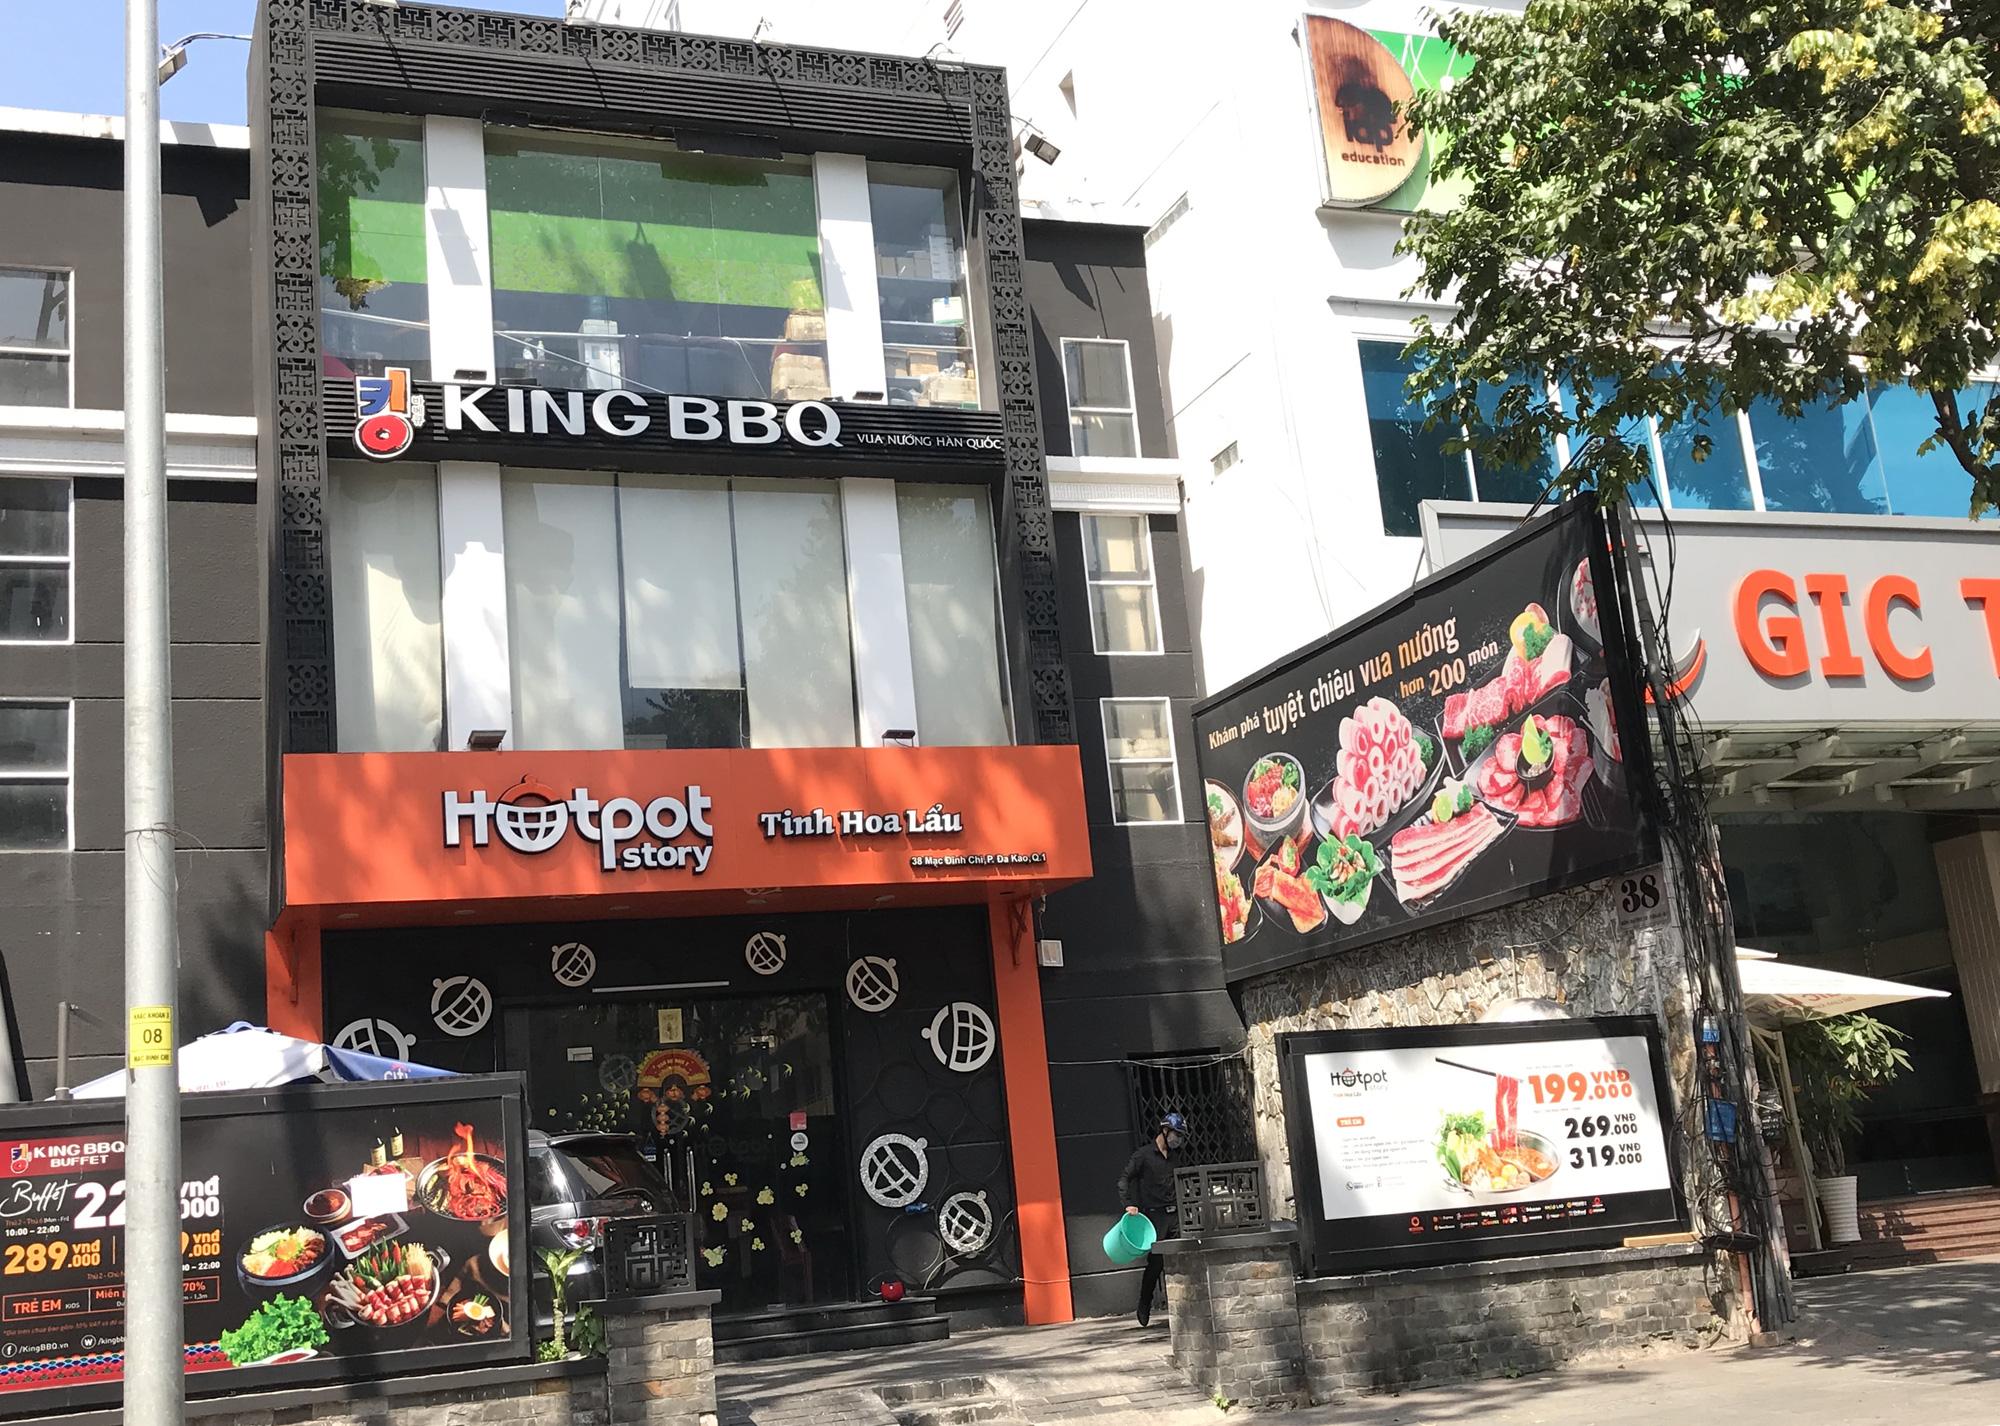 Tiệm vàng, Chanel, Gucci Sài Gòn cũng đóng cửa im ỉm phòng dịch Covid-19 - Ảnh 9.